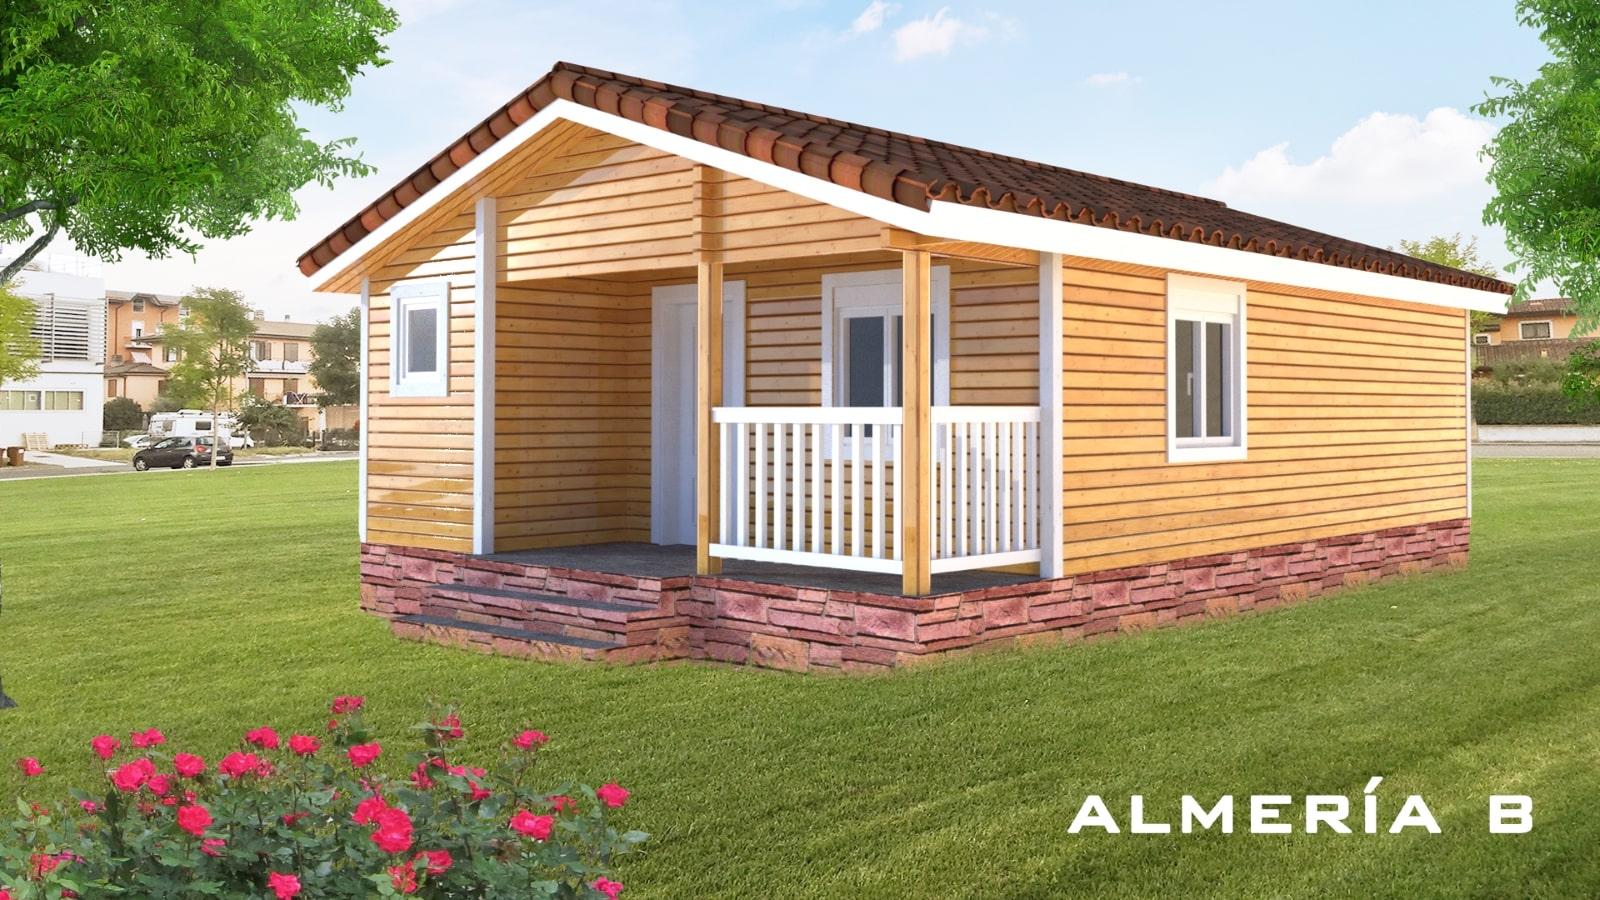 casa de madera llave en mano almeria b